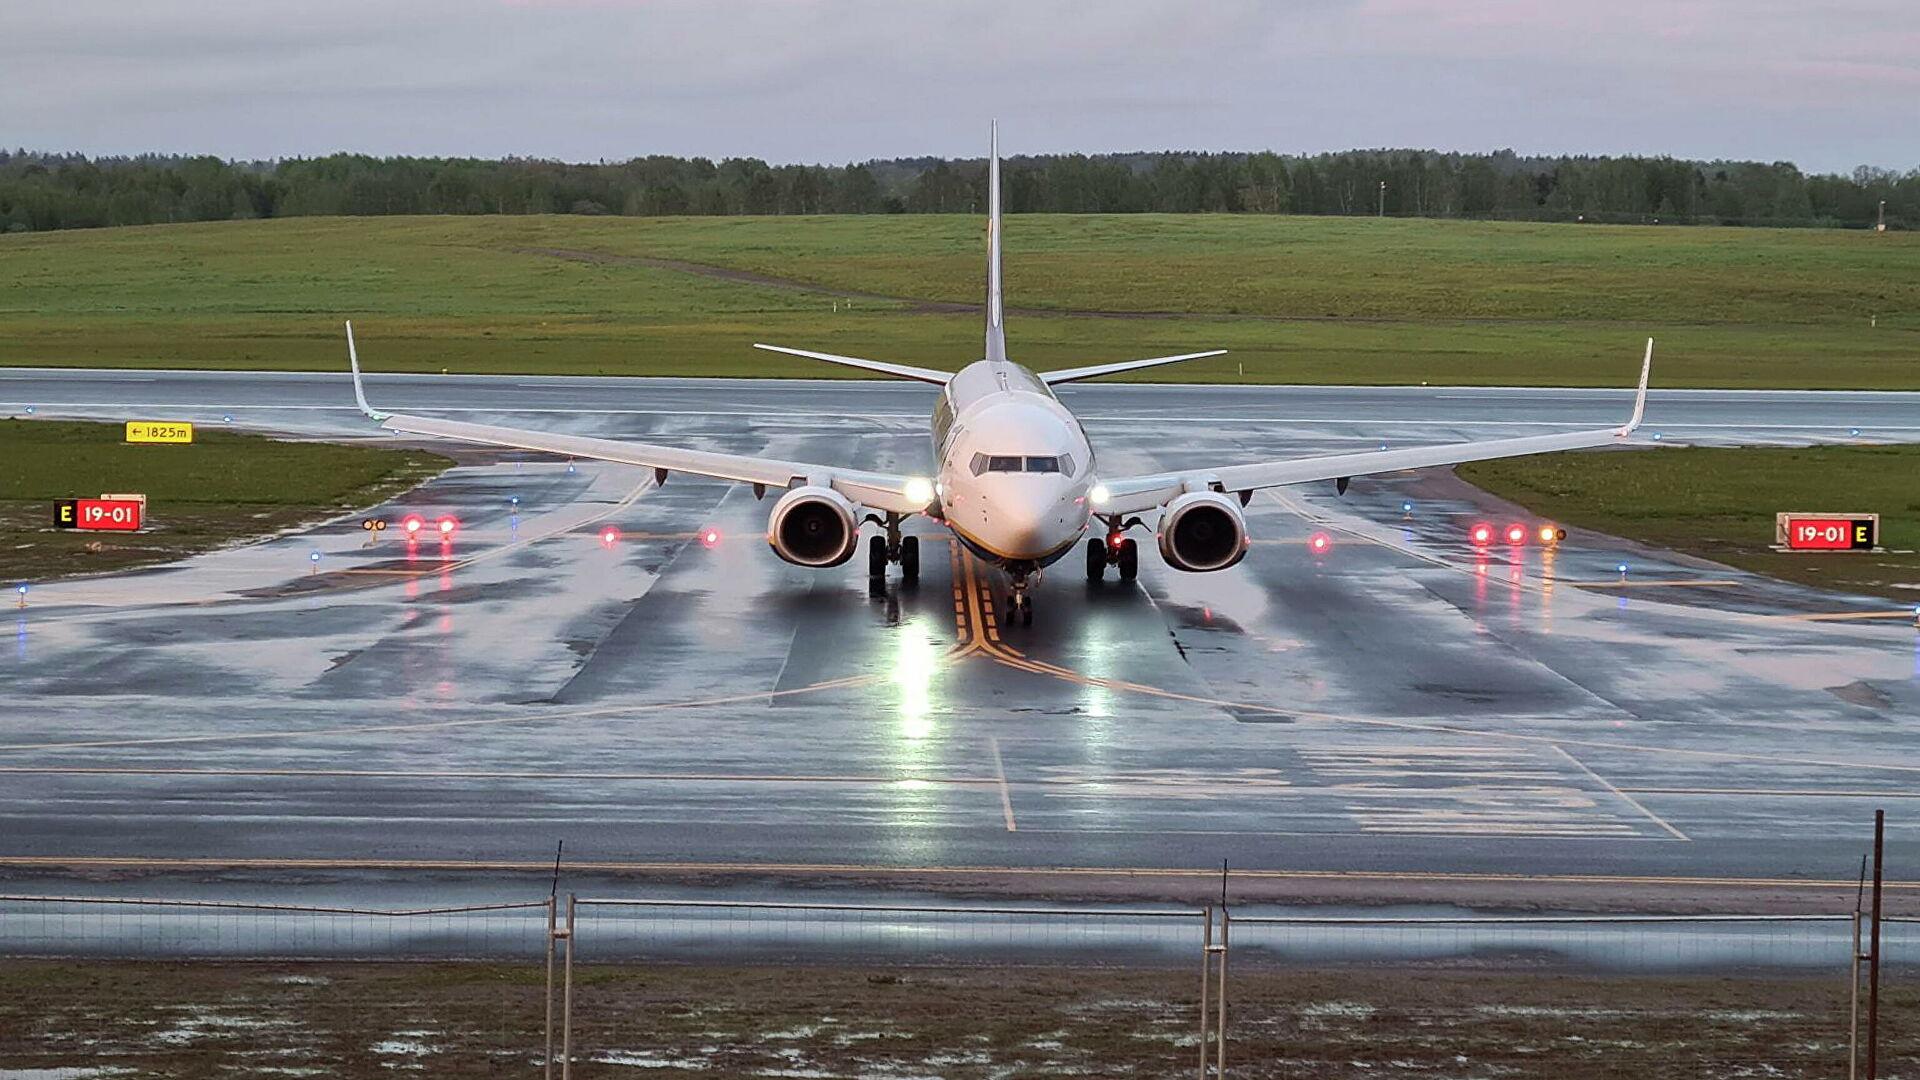 СМИ: угрозы в аэропорт Минска пришли после команды пилотам Ryanair